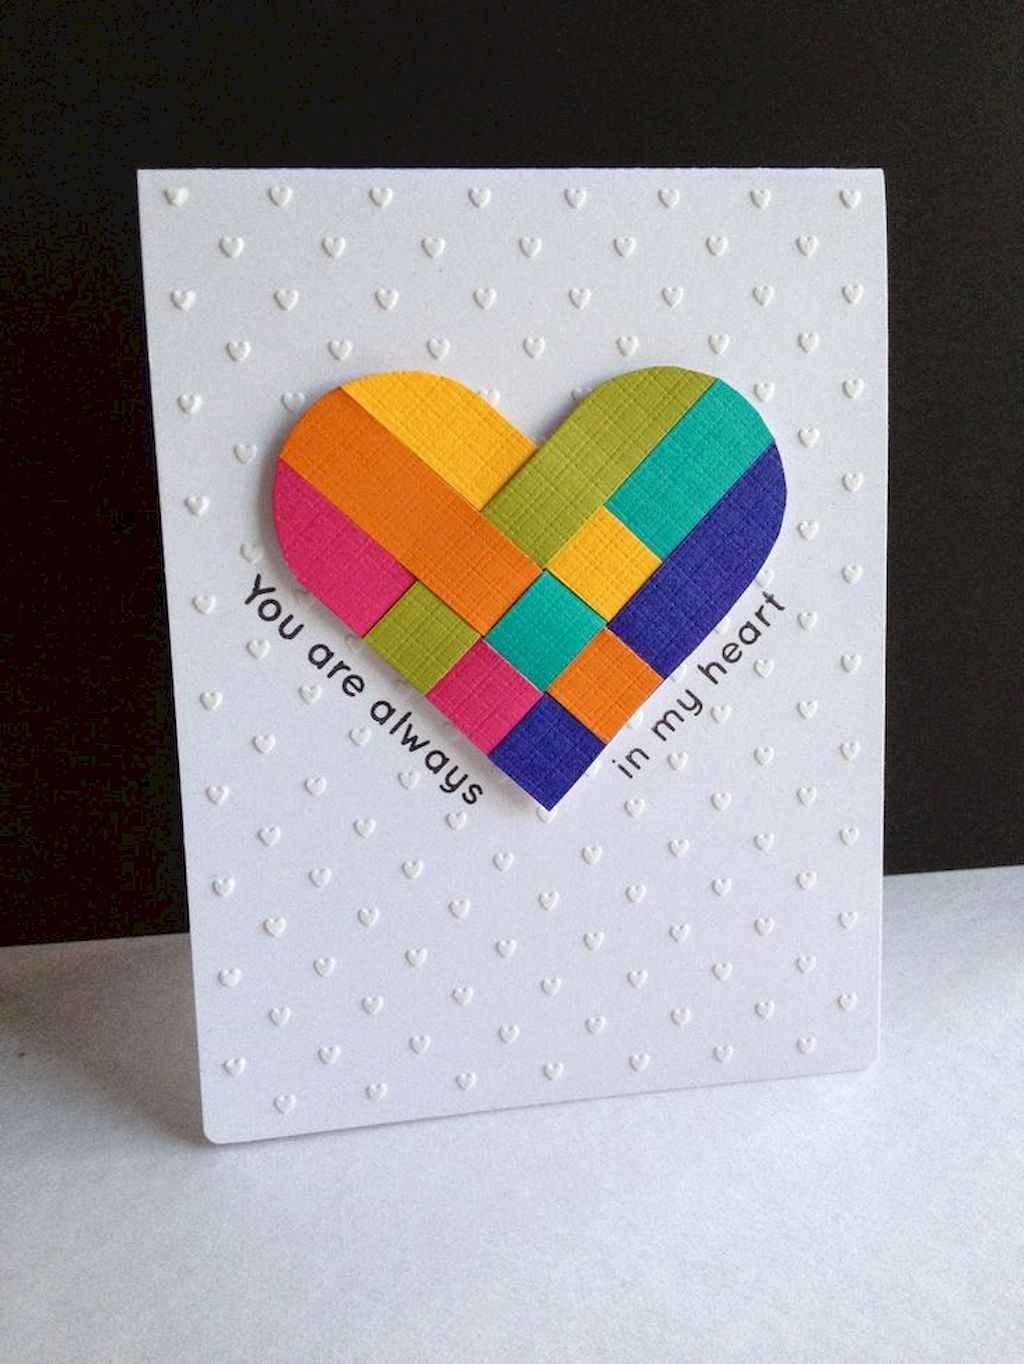 50 Romantic Valentines Cards Design Ideas (11)